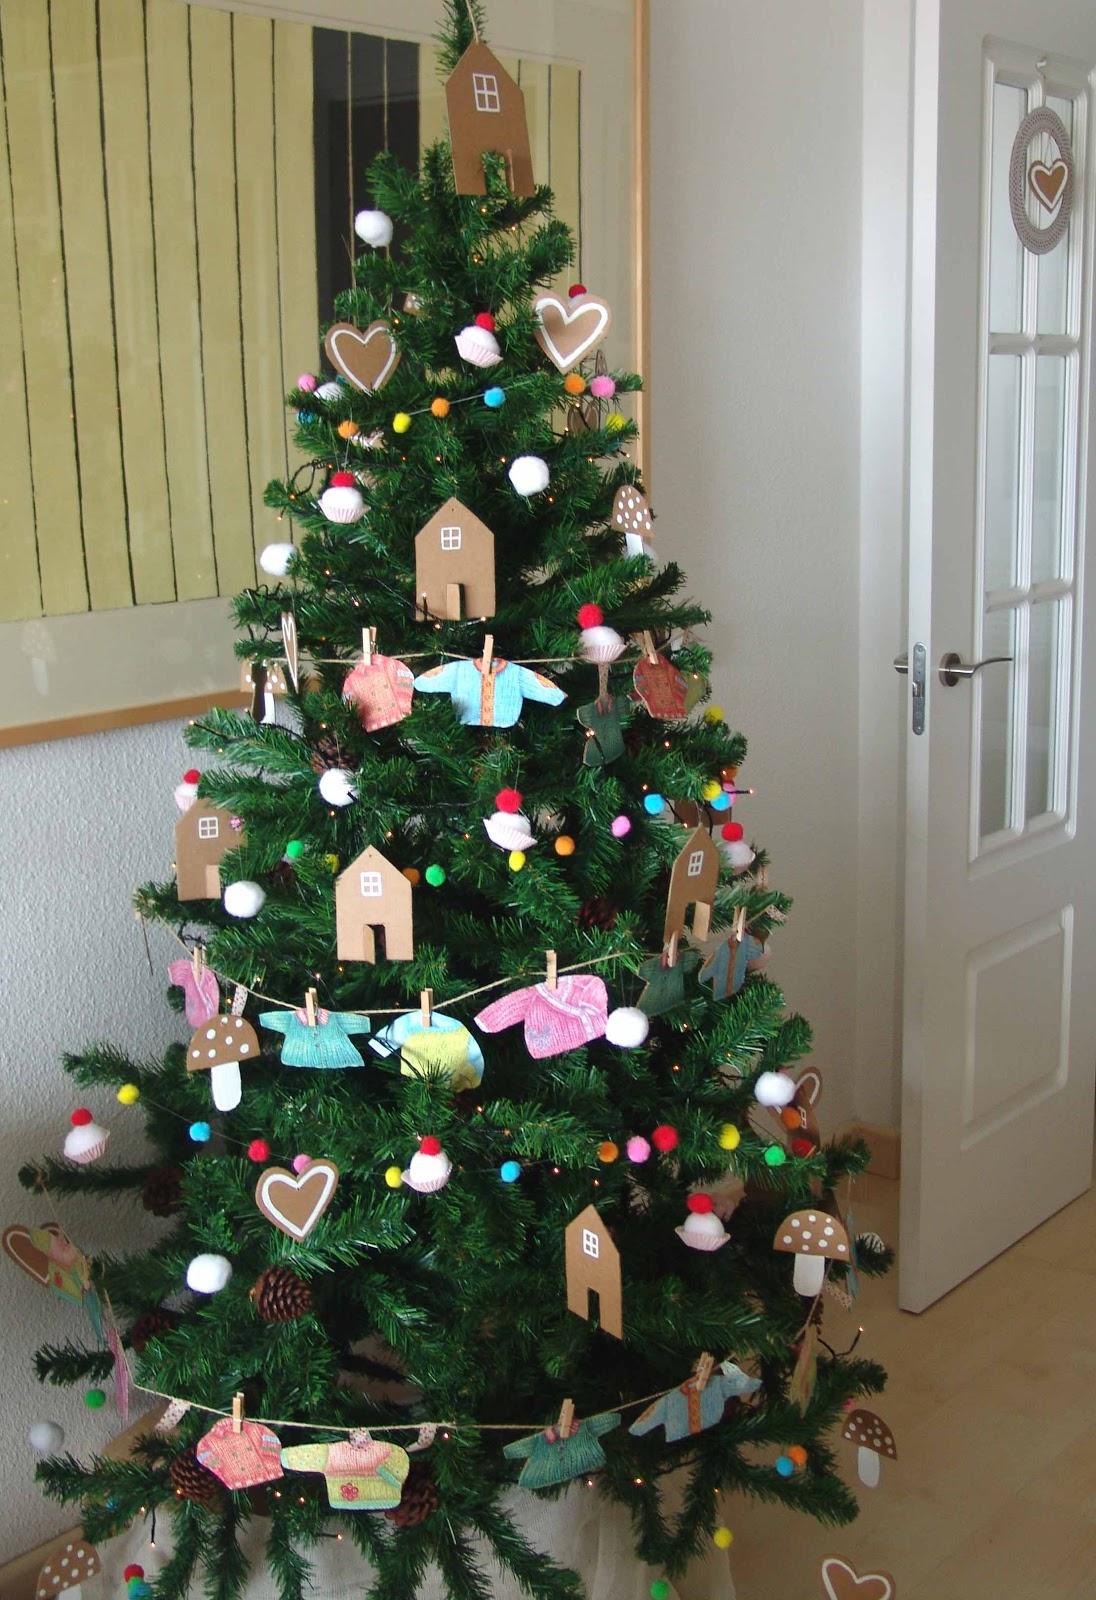 Lalibelula adornos para el arbol de navidad hechos a mano - Arbol navidad adornos ...